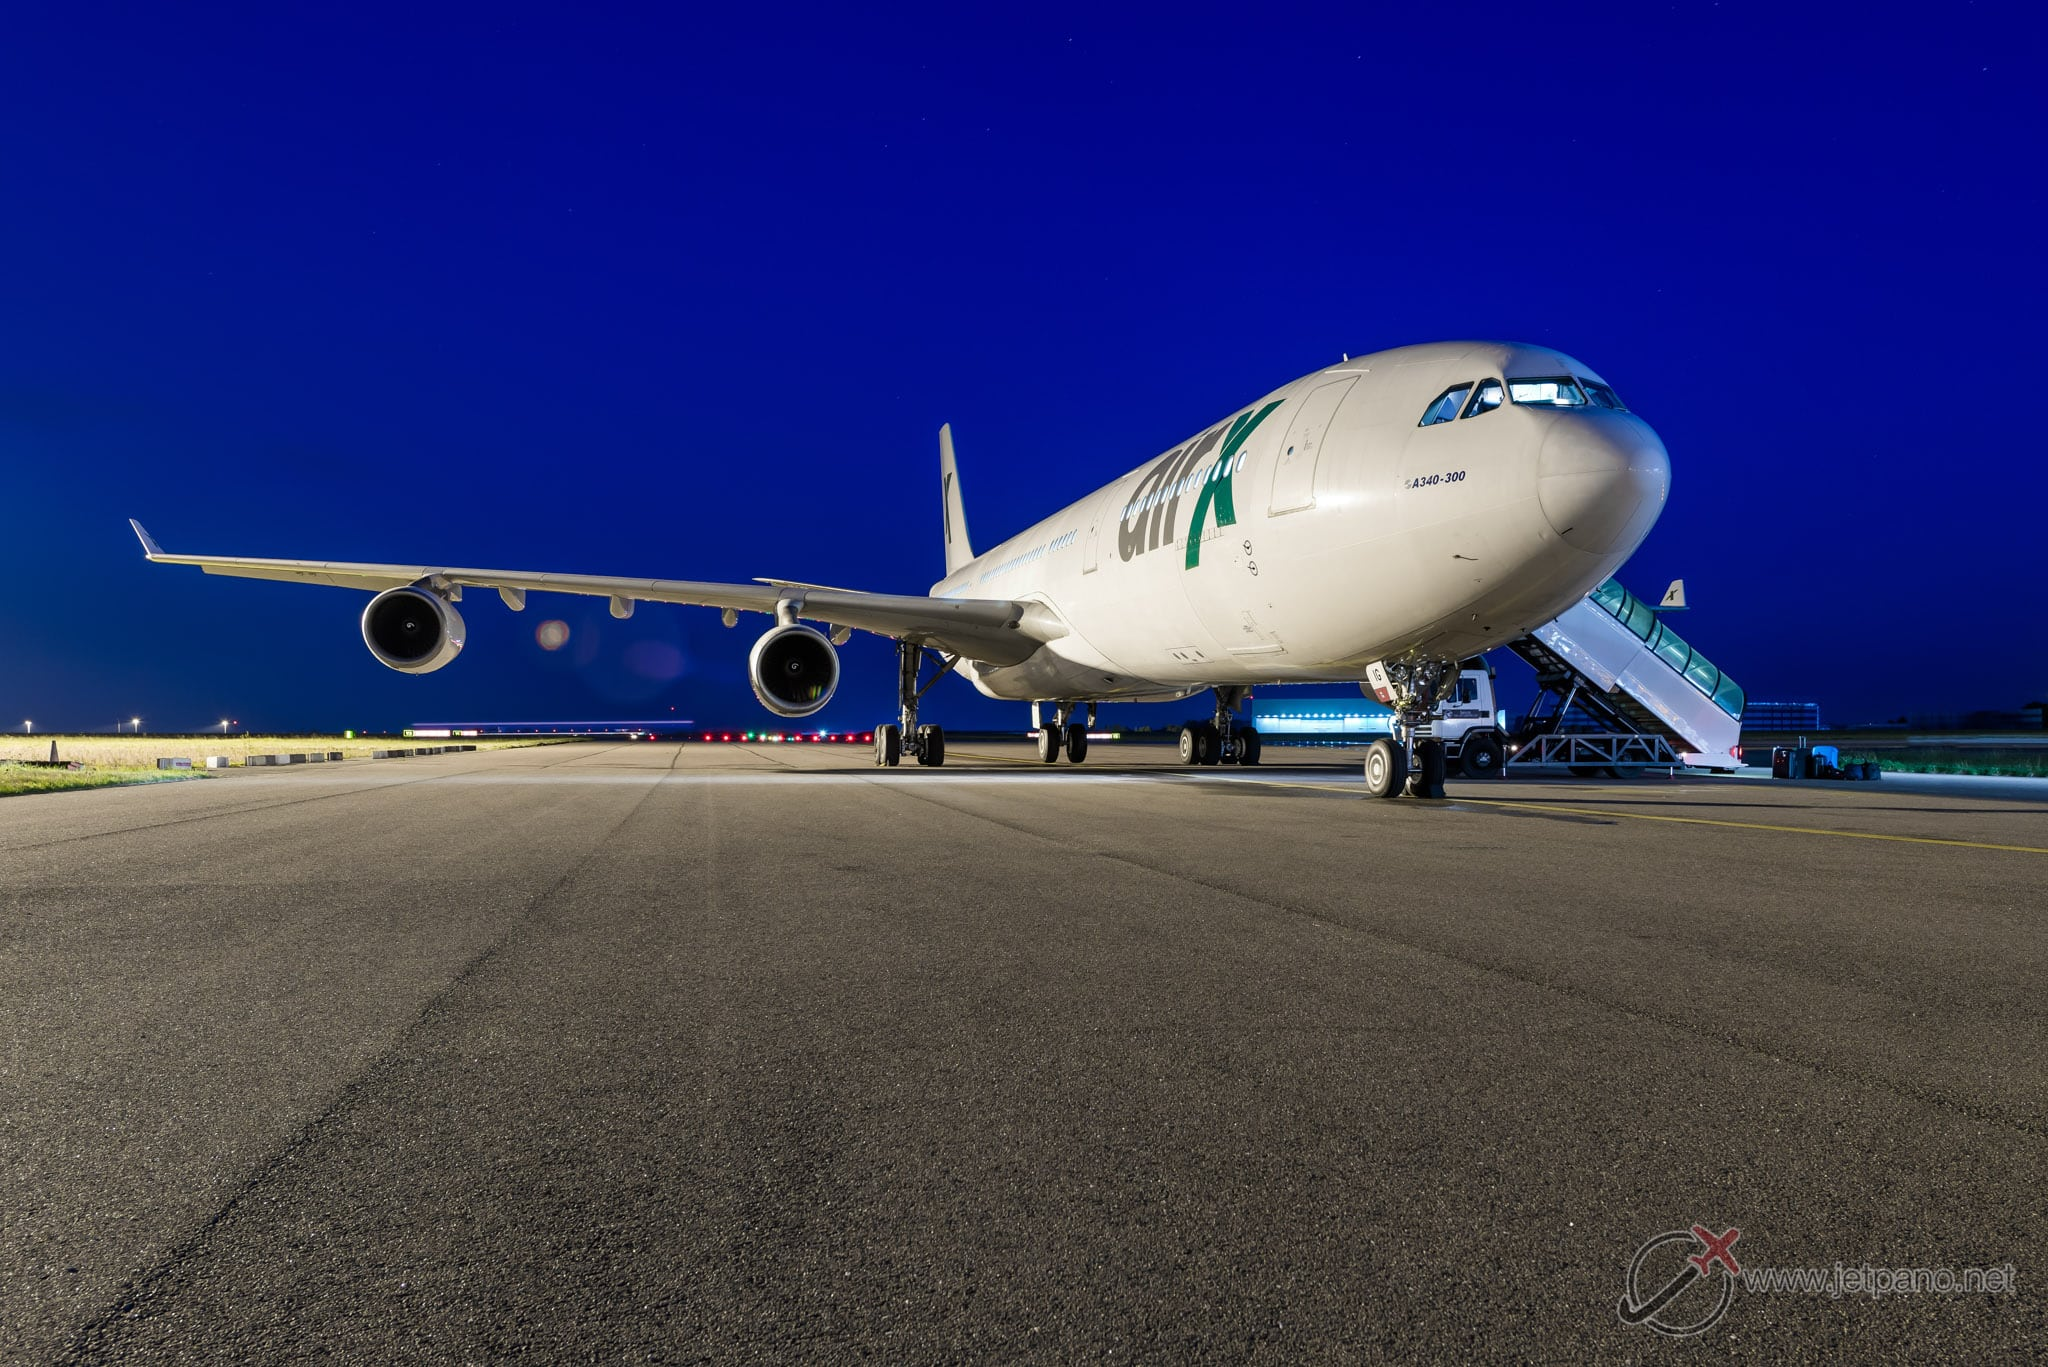 Airbus A340-300 VIP